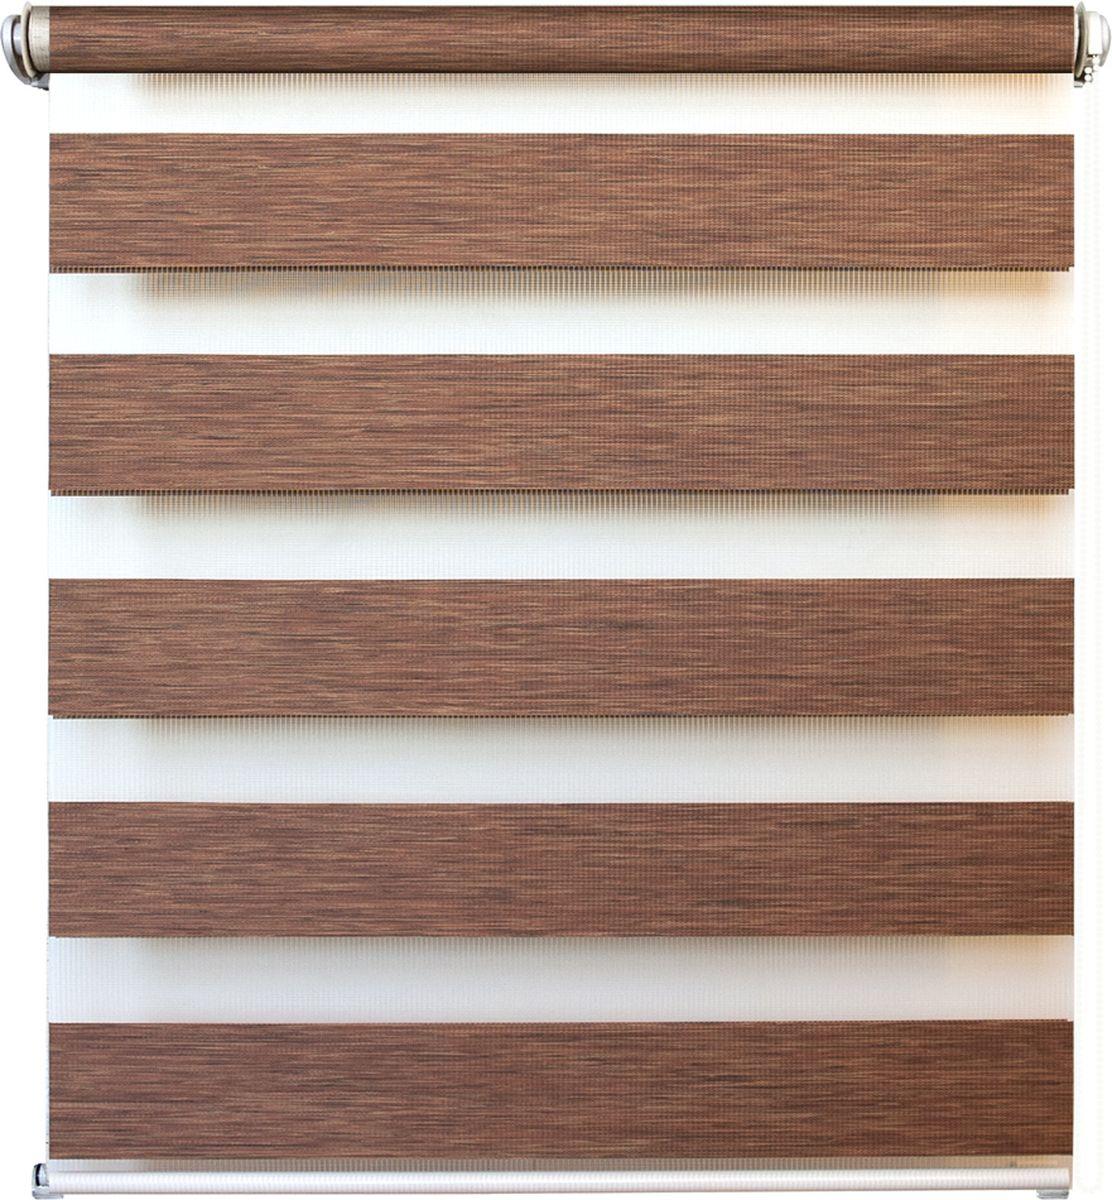 Штора рулонная день/ночь Уют Канзас, цвет: коричневый, 50 х 160 см62.РШТО.8807.090х175Штора рулонная день/ночь Уют Канзас выполнена из прочного полиэстера, в котором чередуются полосы различной плотности и фактуры. Управление двойным слоем ткани с помощью цепочки позволяет регулировать степень светопроницаемости шторы. Если совпали плотные полосы, то прозрачные будут открыты максимально. Это положение шторы называется День. Максимальное затемнение помещения достигается при полном совпадении полос разных фактур. Это положение шторы называется Ночь. Конструкция шторы также позволяет полностью свернуть полотно, обеспечив максимальное открытие окна. Рулонная штора - это разновидность штор, которая закрывает не весь оконный проем, а непосредственно само стекло. Такая штора очень компактна, что помогает сэкономить пространство. Универсальная конструкция позволяет монтировать штору на стену, потолок, деревянные или пластиковые рамы окон. В комплект входят кронштейны и нижний утяжелитель. Возможна установка с управлением цепочкой как справа, так и слева. Такая штора станет прекрасным элементом декора окна и гармонично впишется в интерьер любого помещения. Классический дизайн подойдет для гостиной, спальни, кухни, кабинета или офиса.